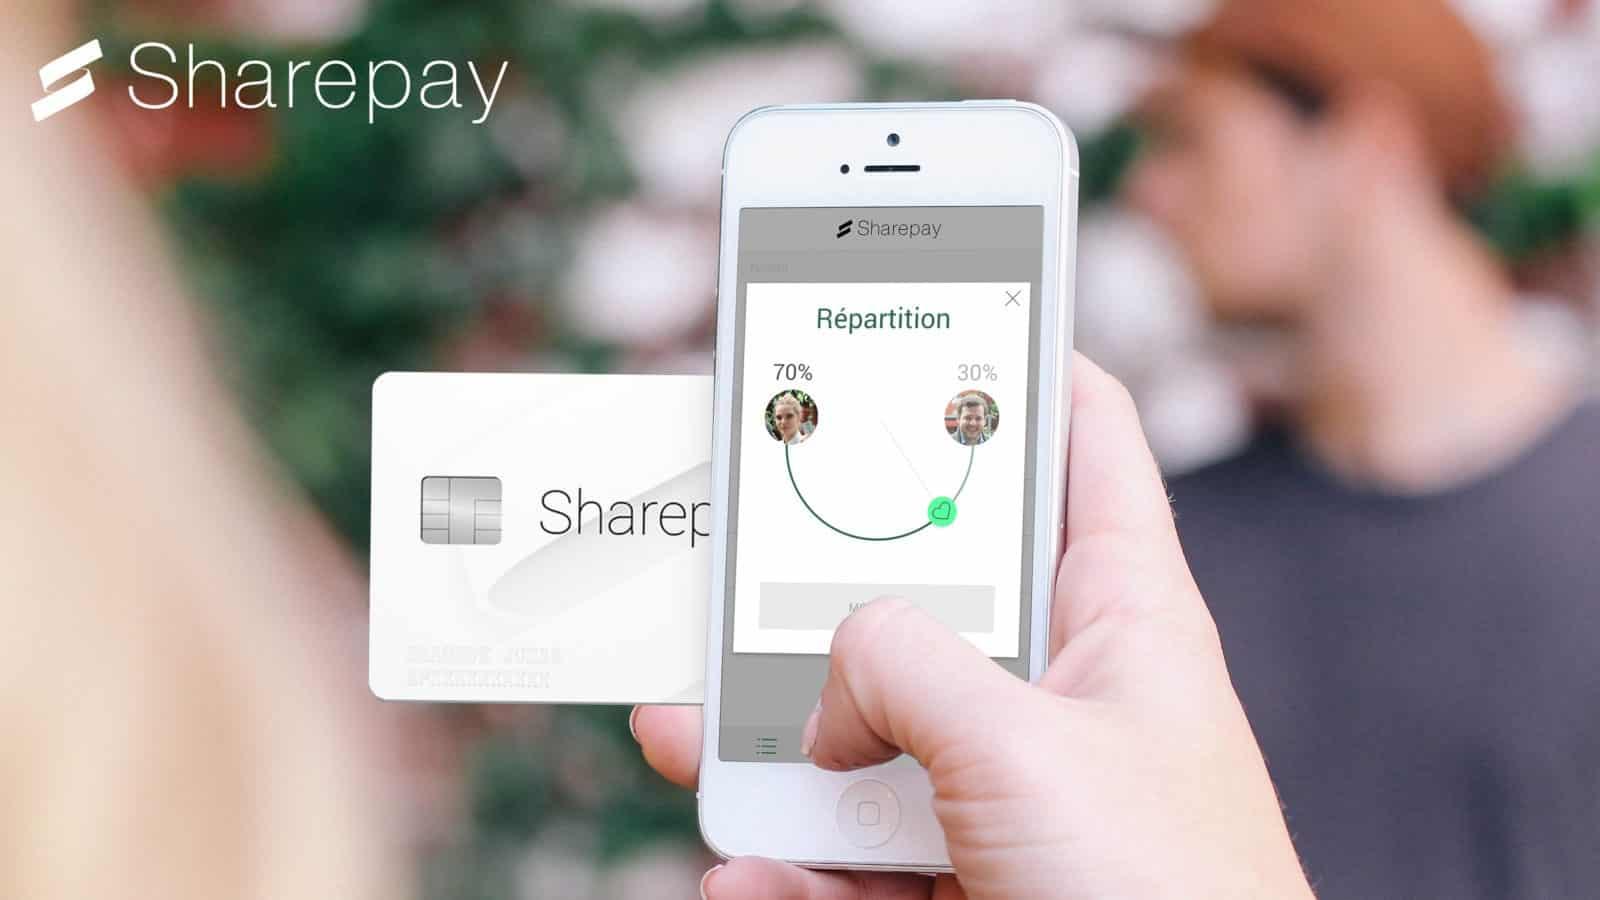 Sharepay phone card 70 30